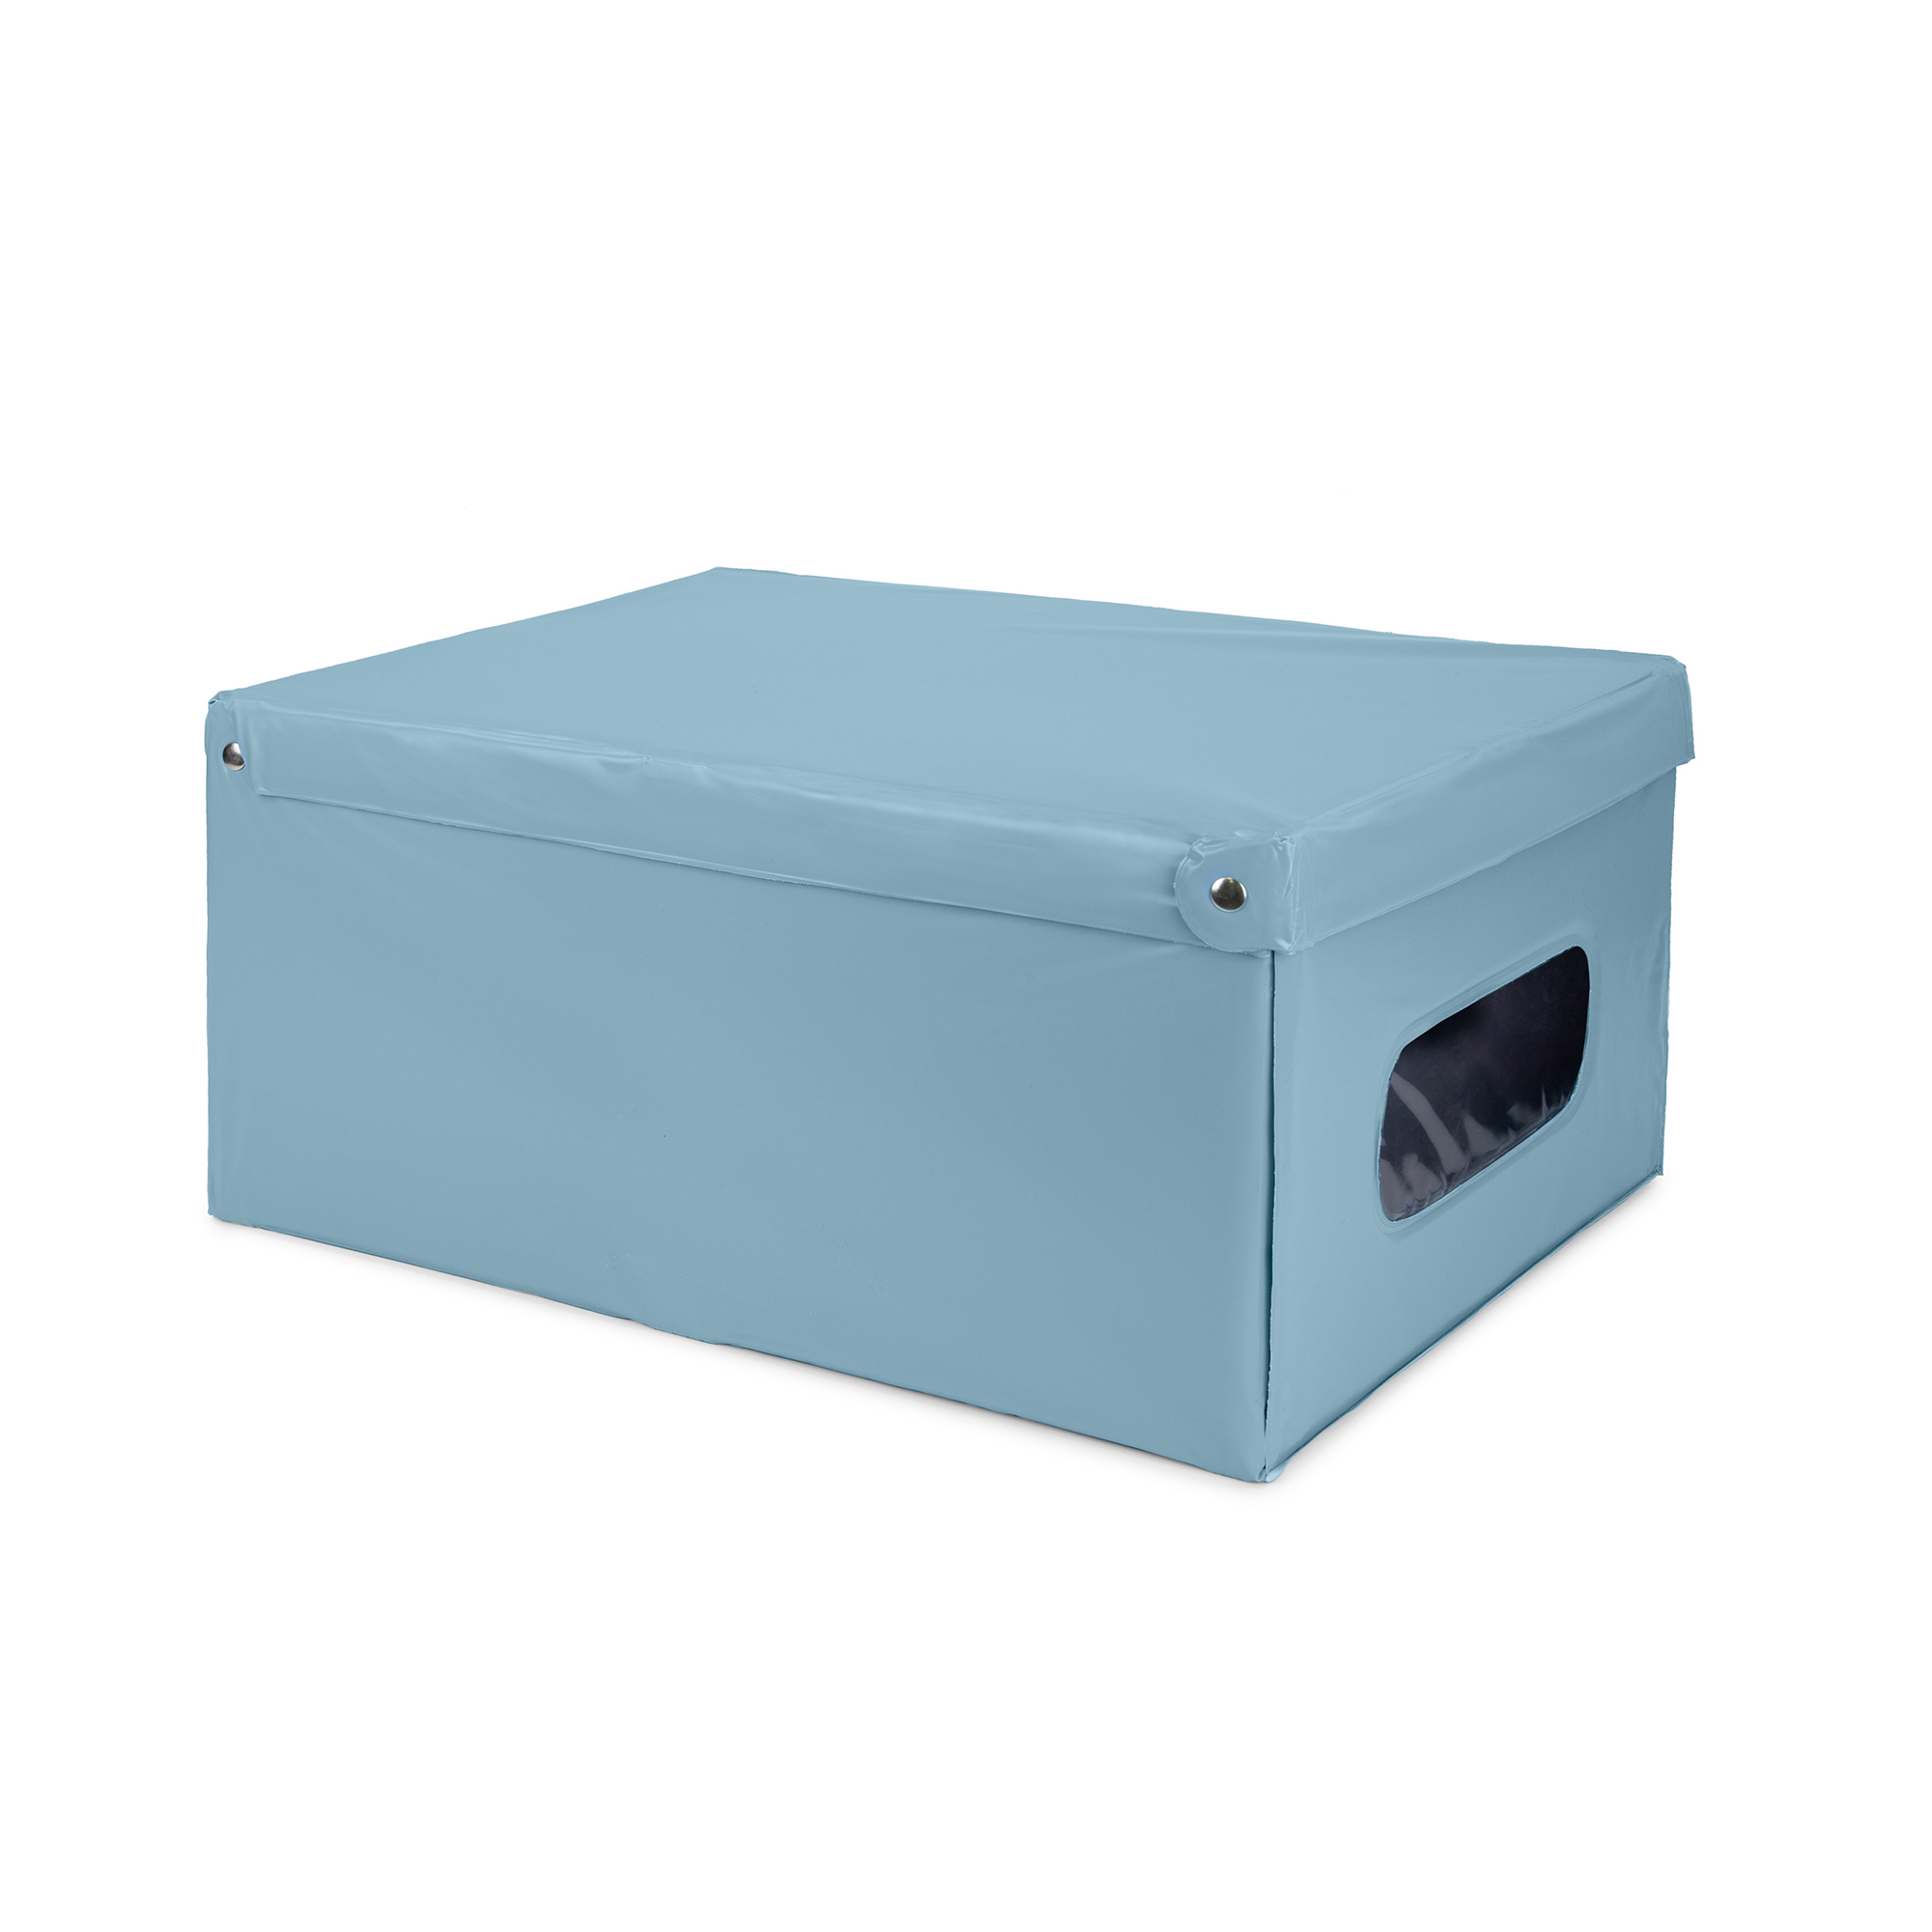 Boîte de rangement en PVC bleue 50x38,5cm